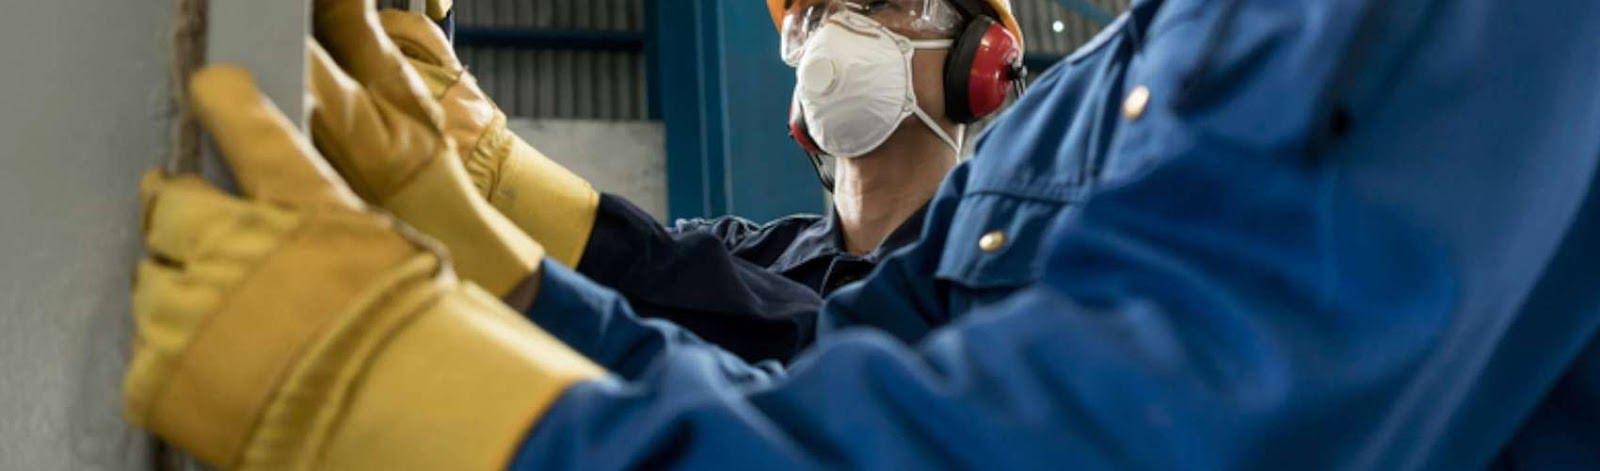 Kläder & skyddsutrustning